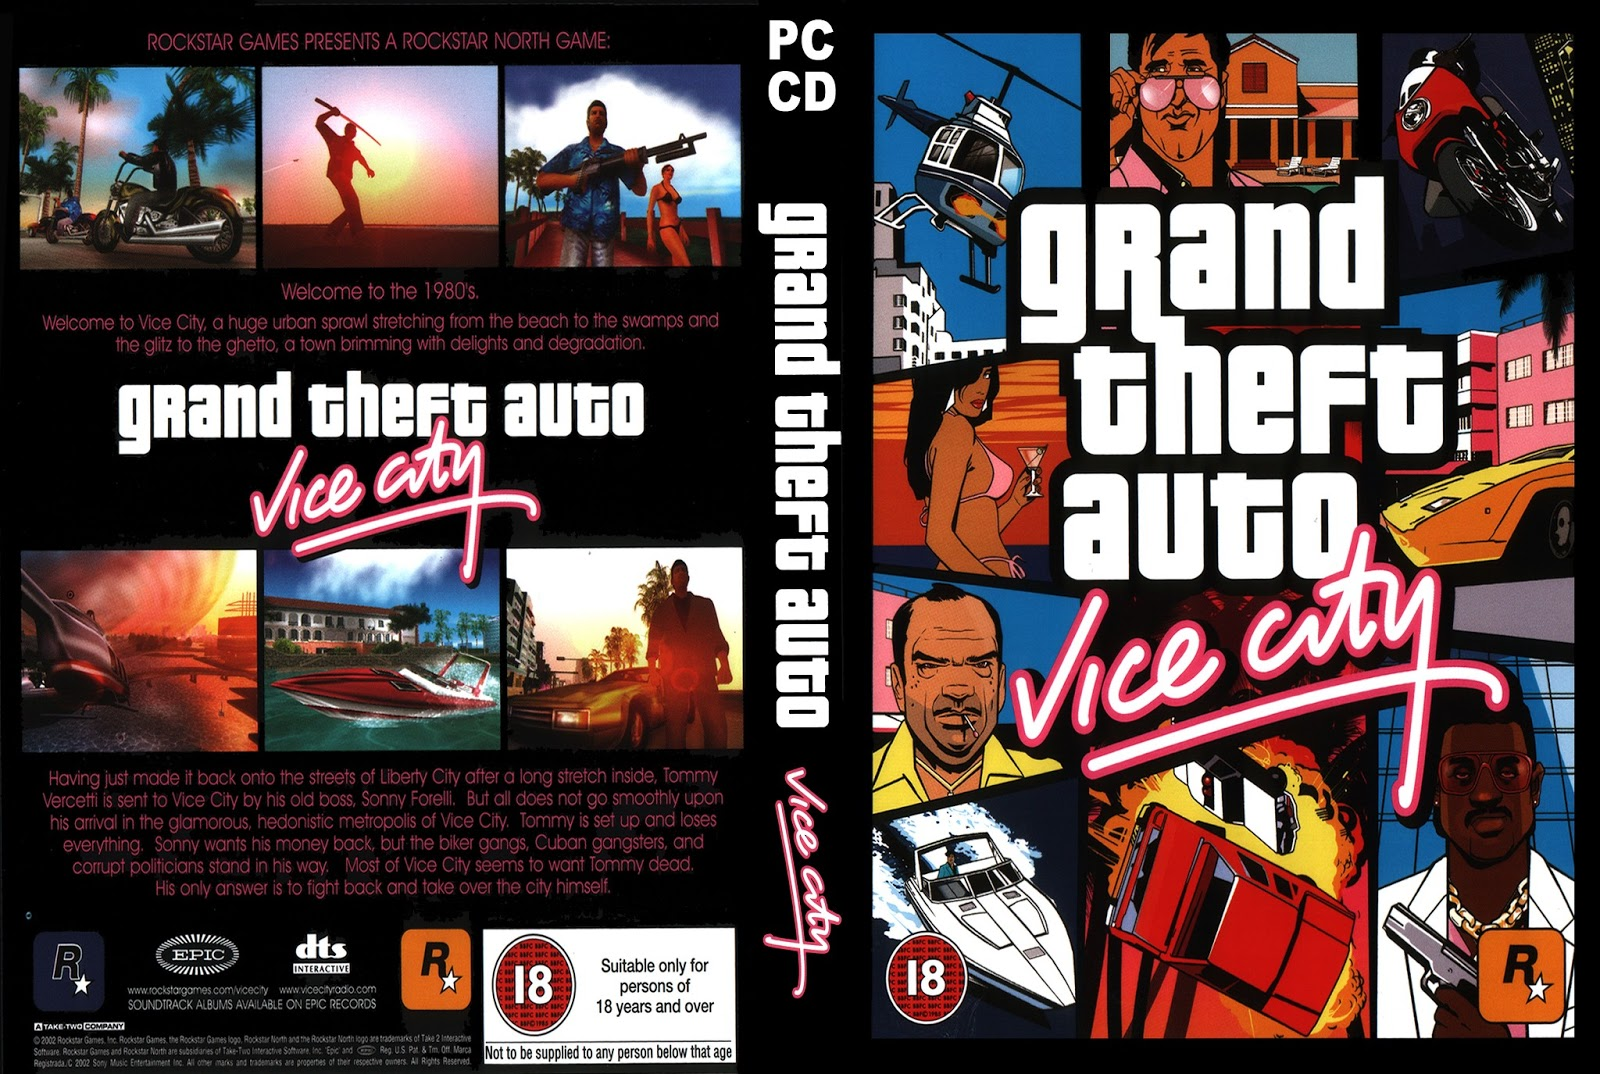 Rockstar games gta san andreas free download full game.